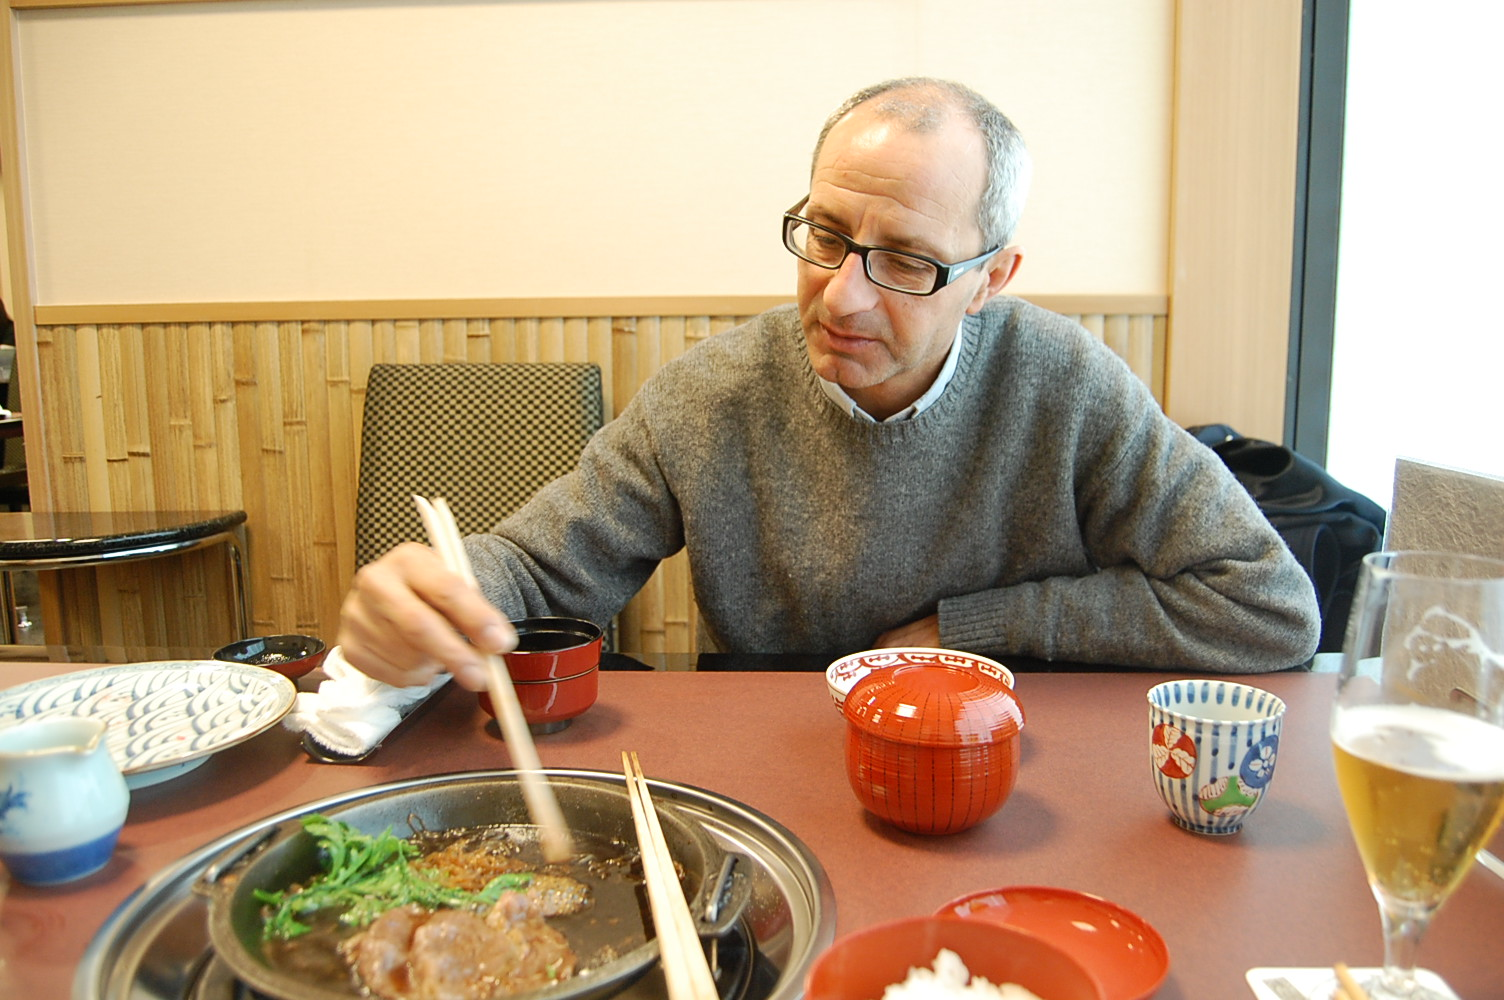 シチリア人日本滞在記 東京 その壱 バゥ_d0084229_21392510.jpg